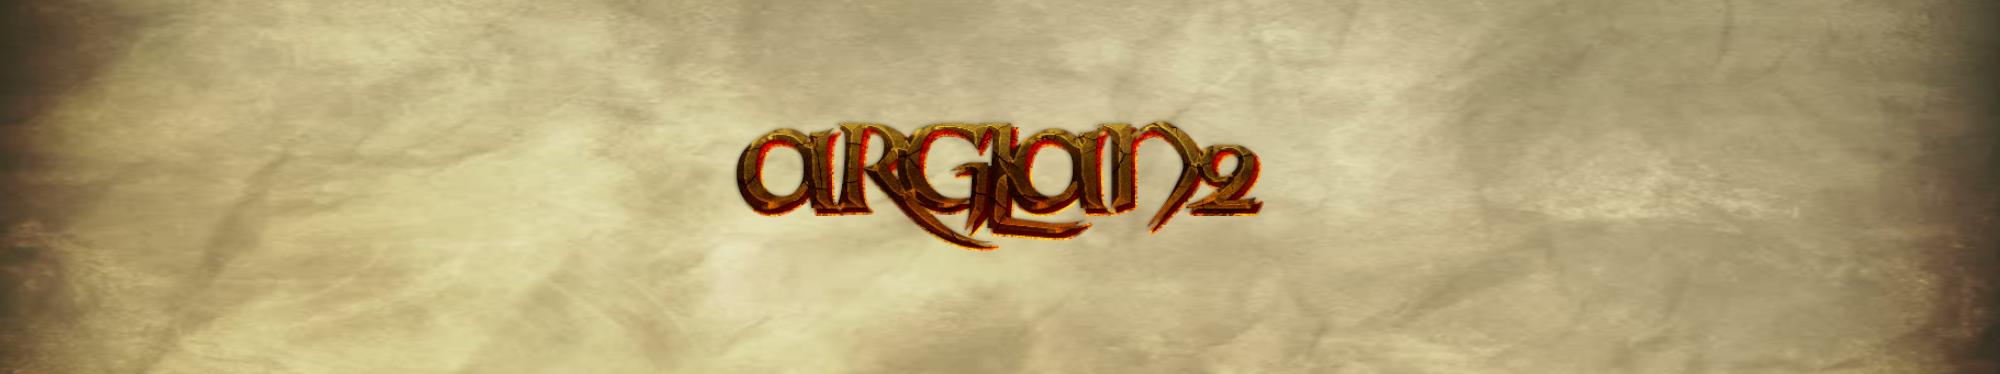 Arglan2